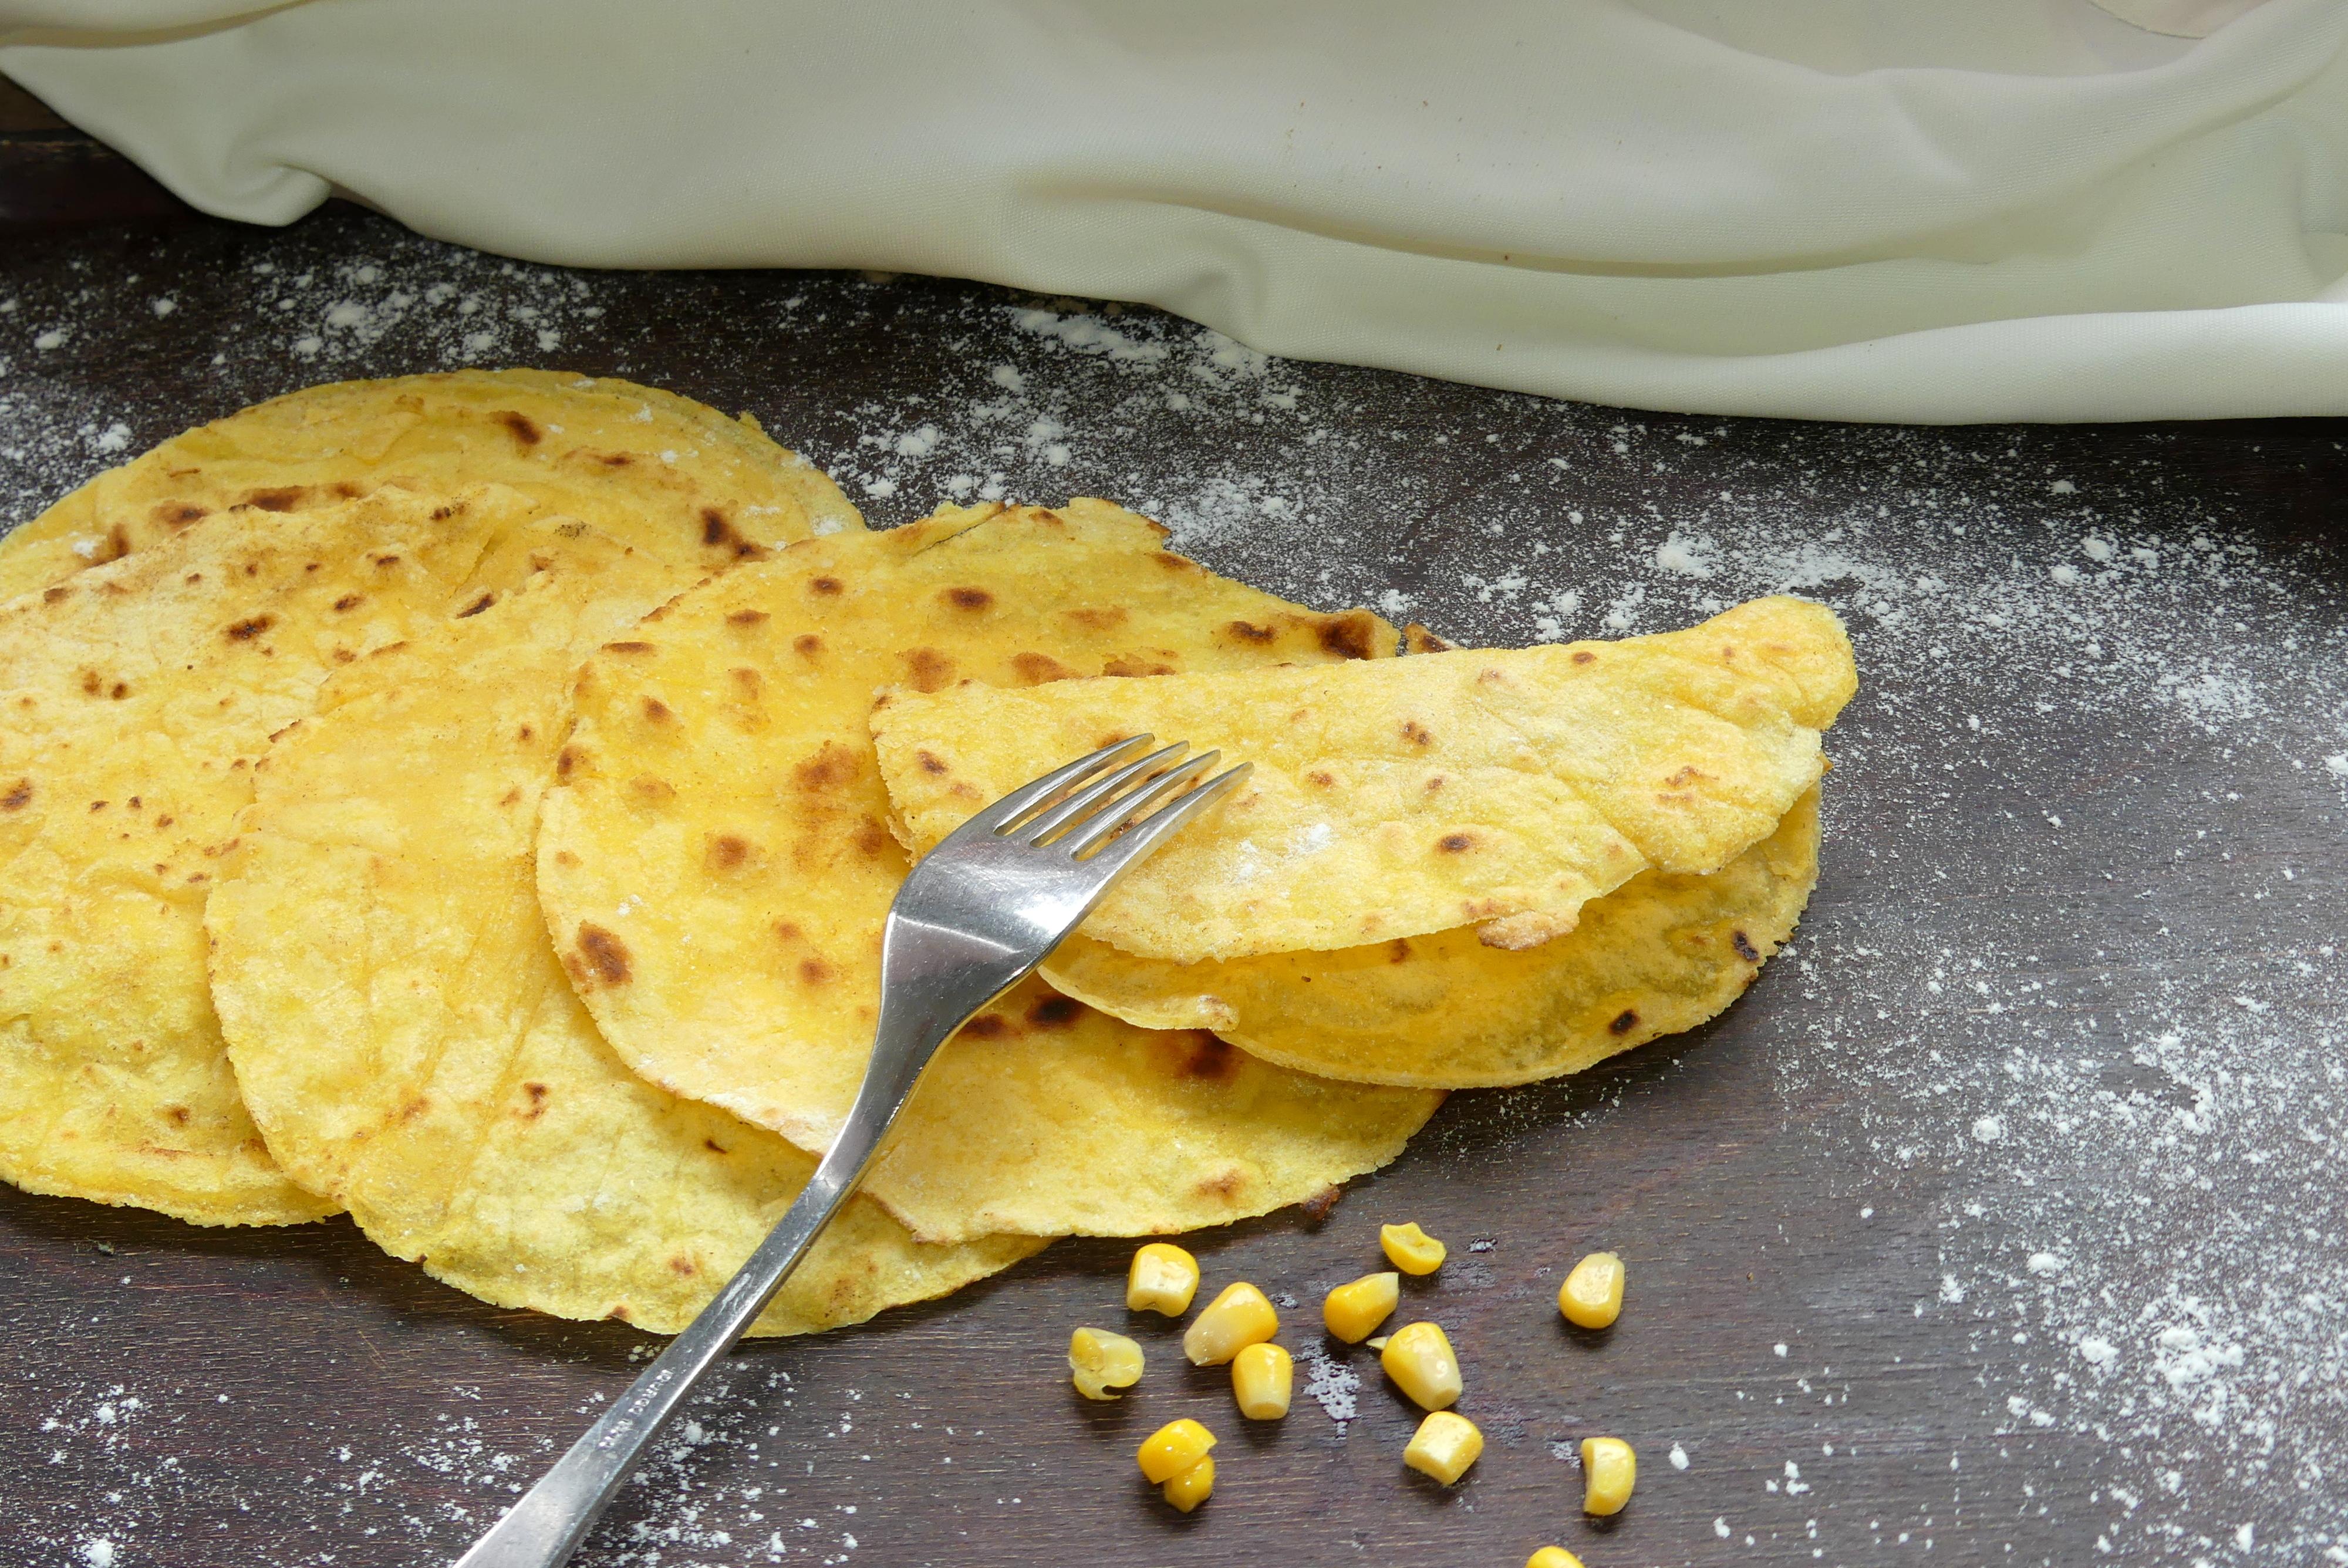 Tortillas De Maíz Para Tacos Mexicanos Gastronomía Vasca Escuela De Hostelería Leioa